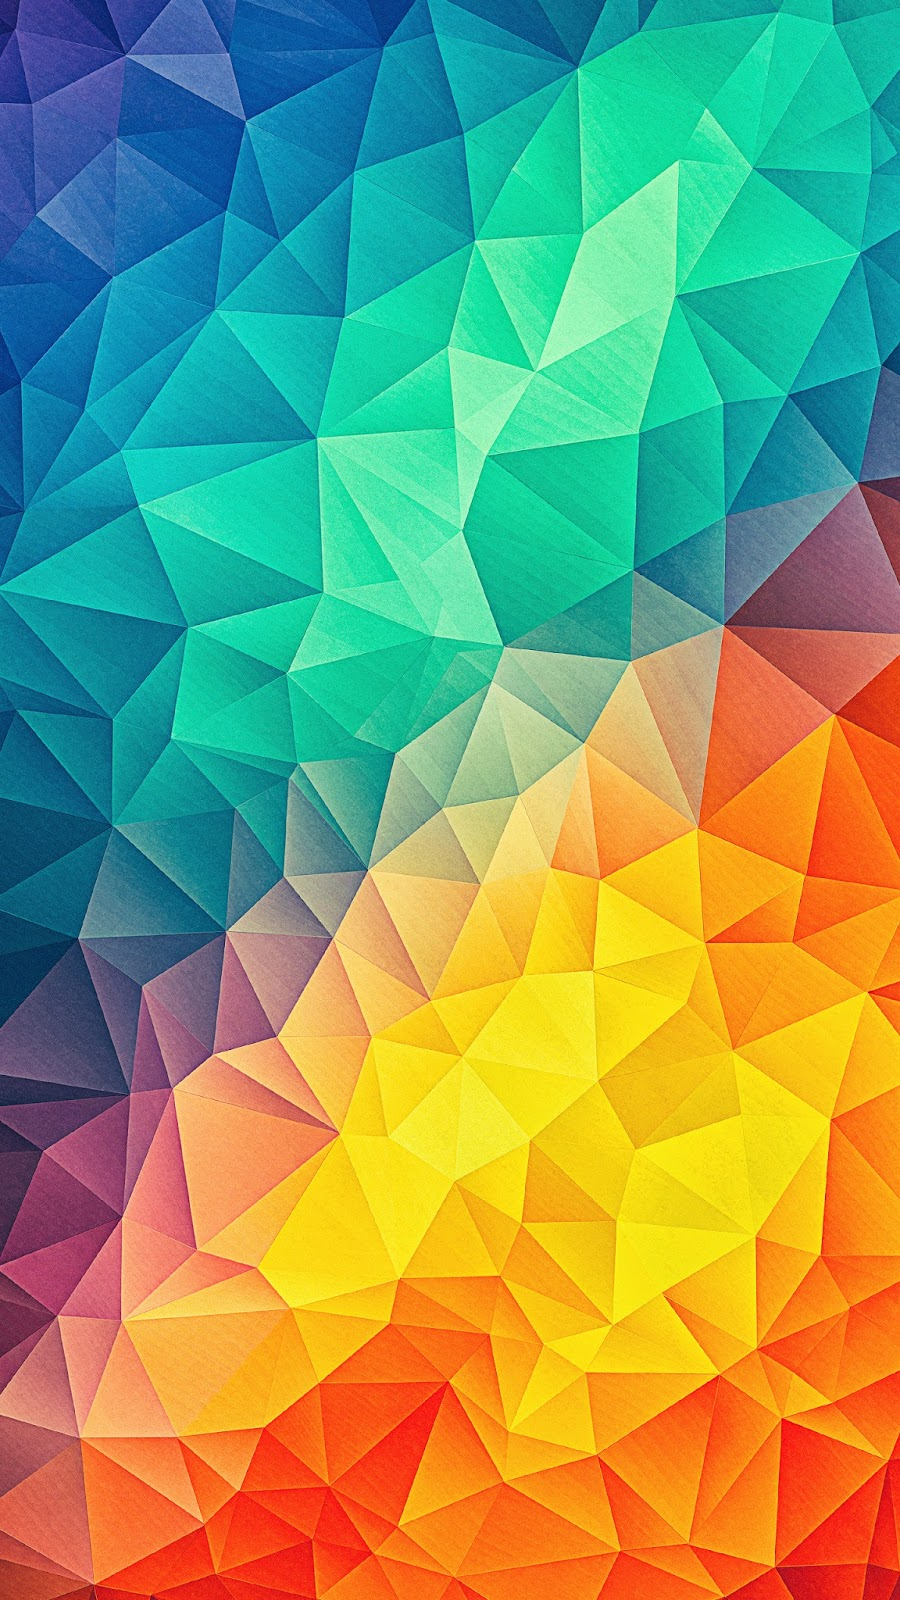 Fondo De Pantalla Triángulos De Colores Abstractos Fygo Fondos